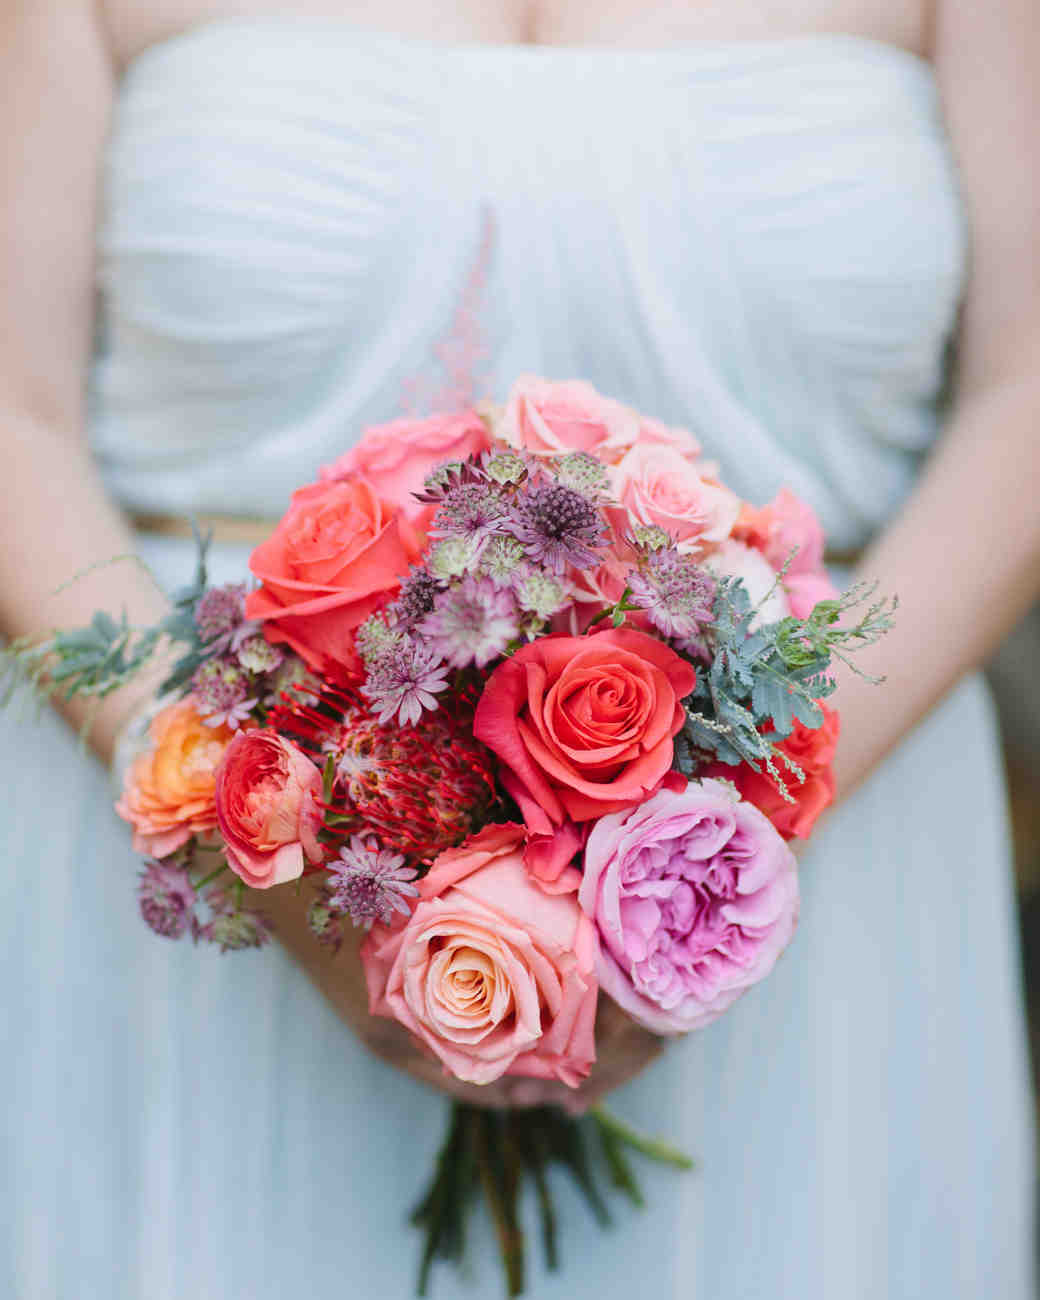 gina-craig-wedding-bouquet3-0514.jpg